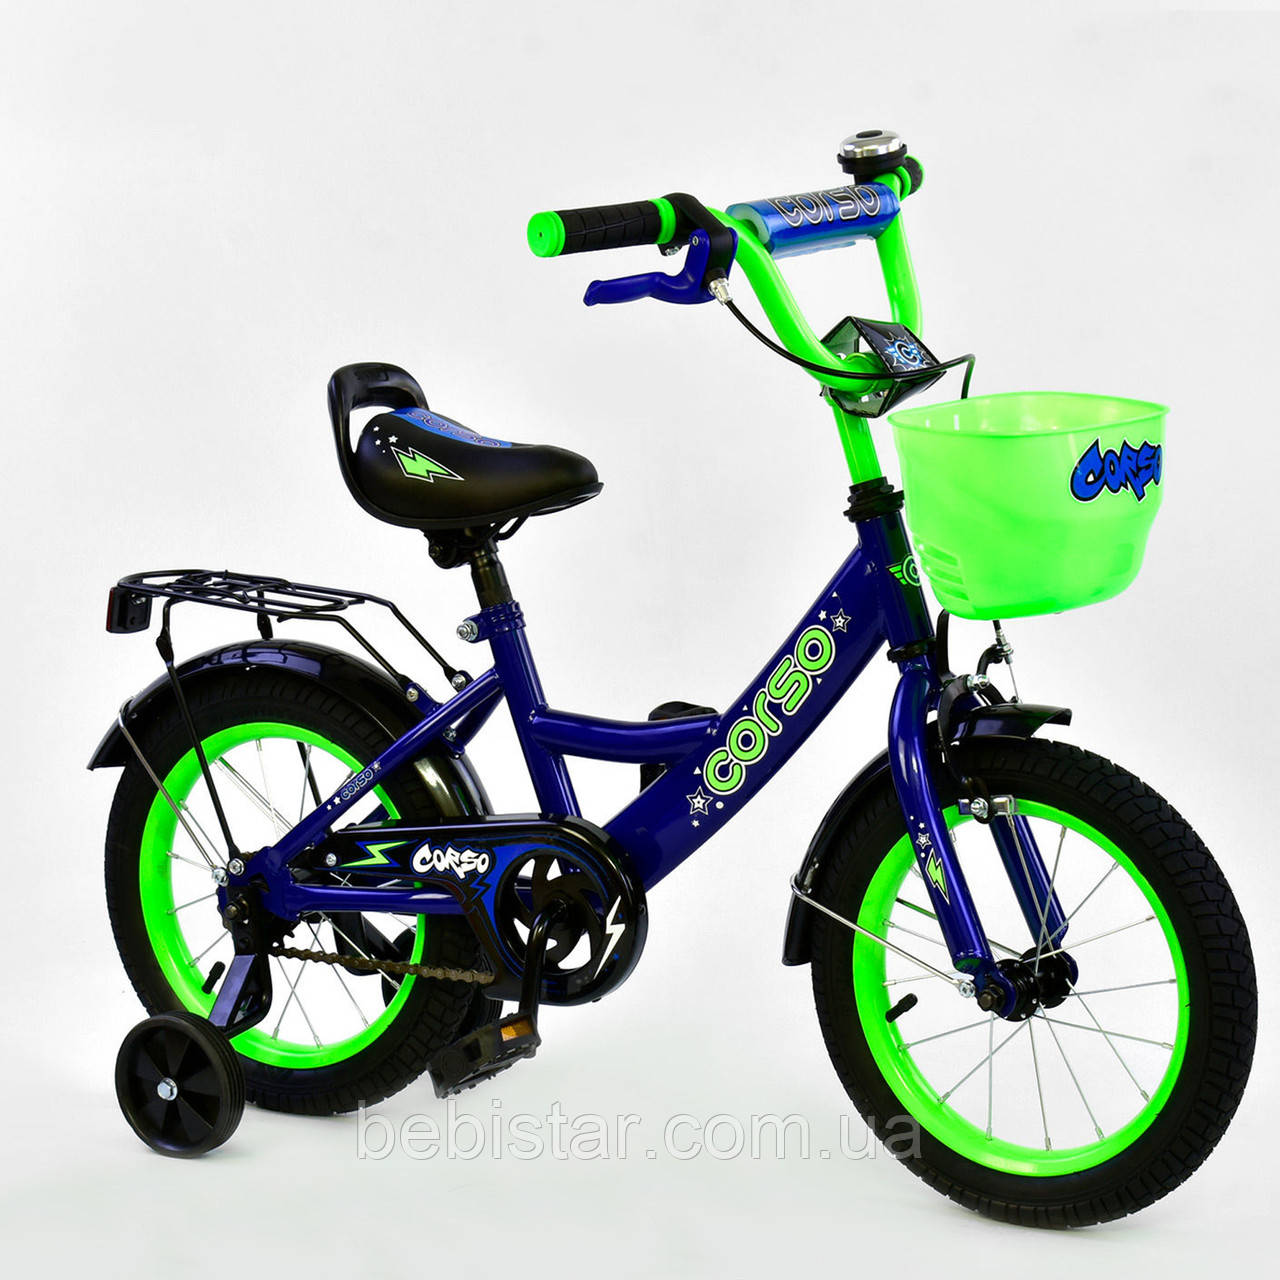 """Двухколесный детский велосипед синий салатовый обод ручной тормоз звоночек корзинка Corso 14"""" деткам 3-5 лет"""